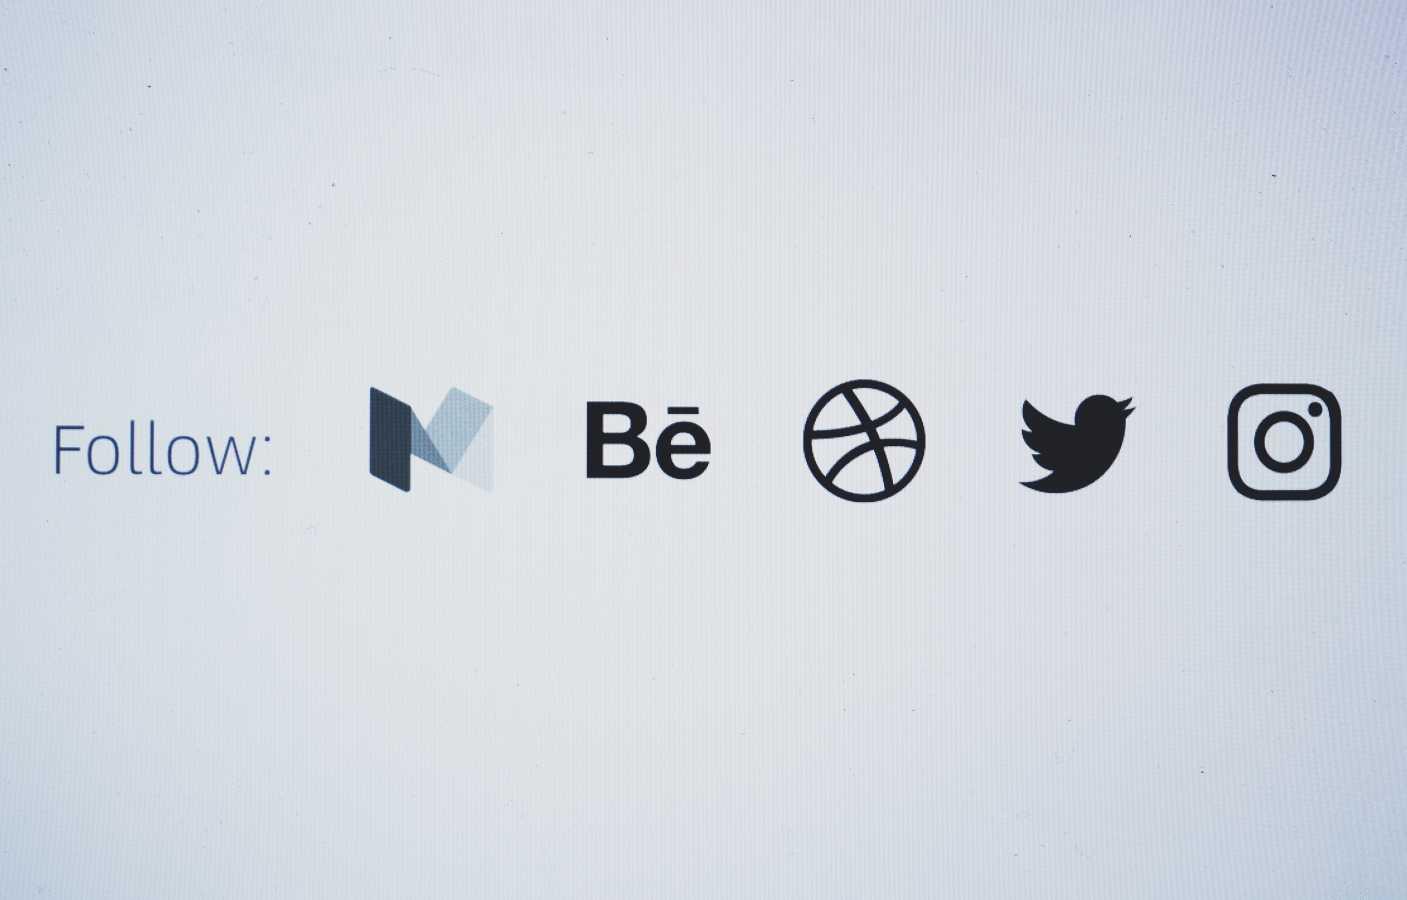 Web Design Has Little Room For Social Media